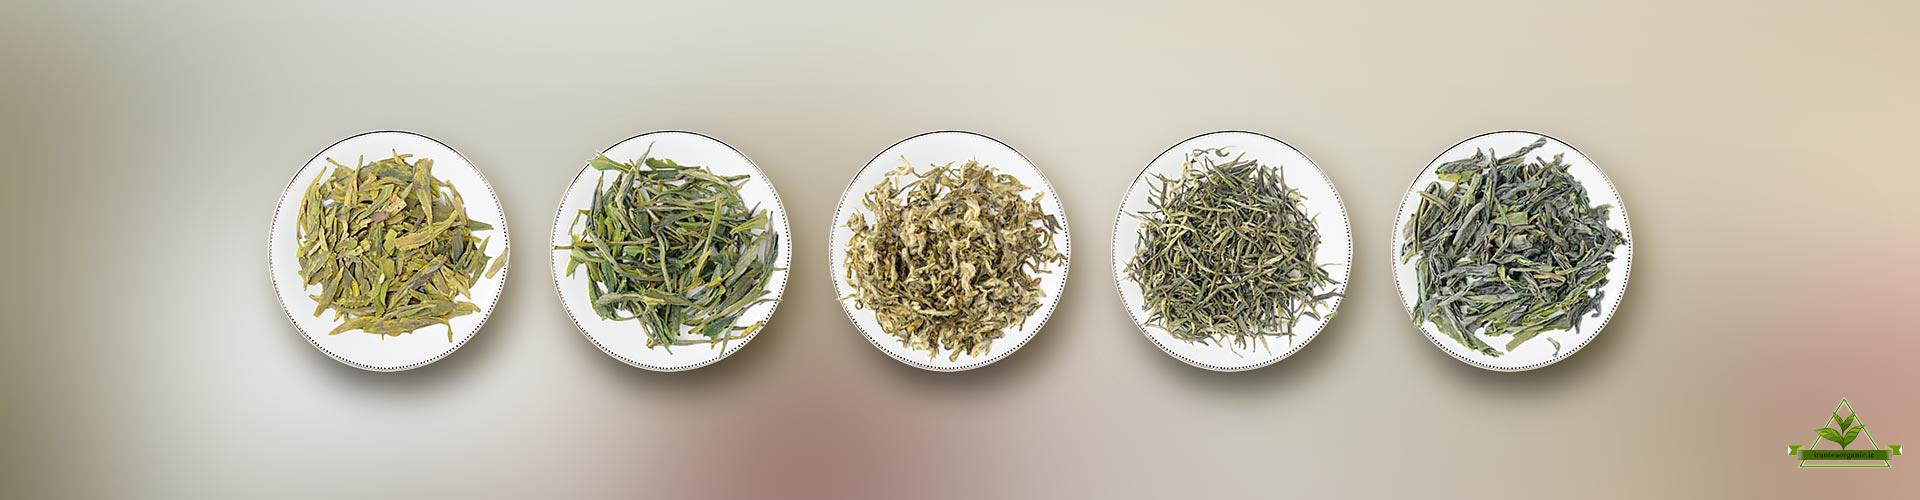 قیمت انواع چای سبز شمال